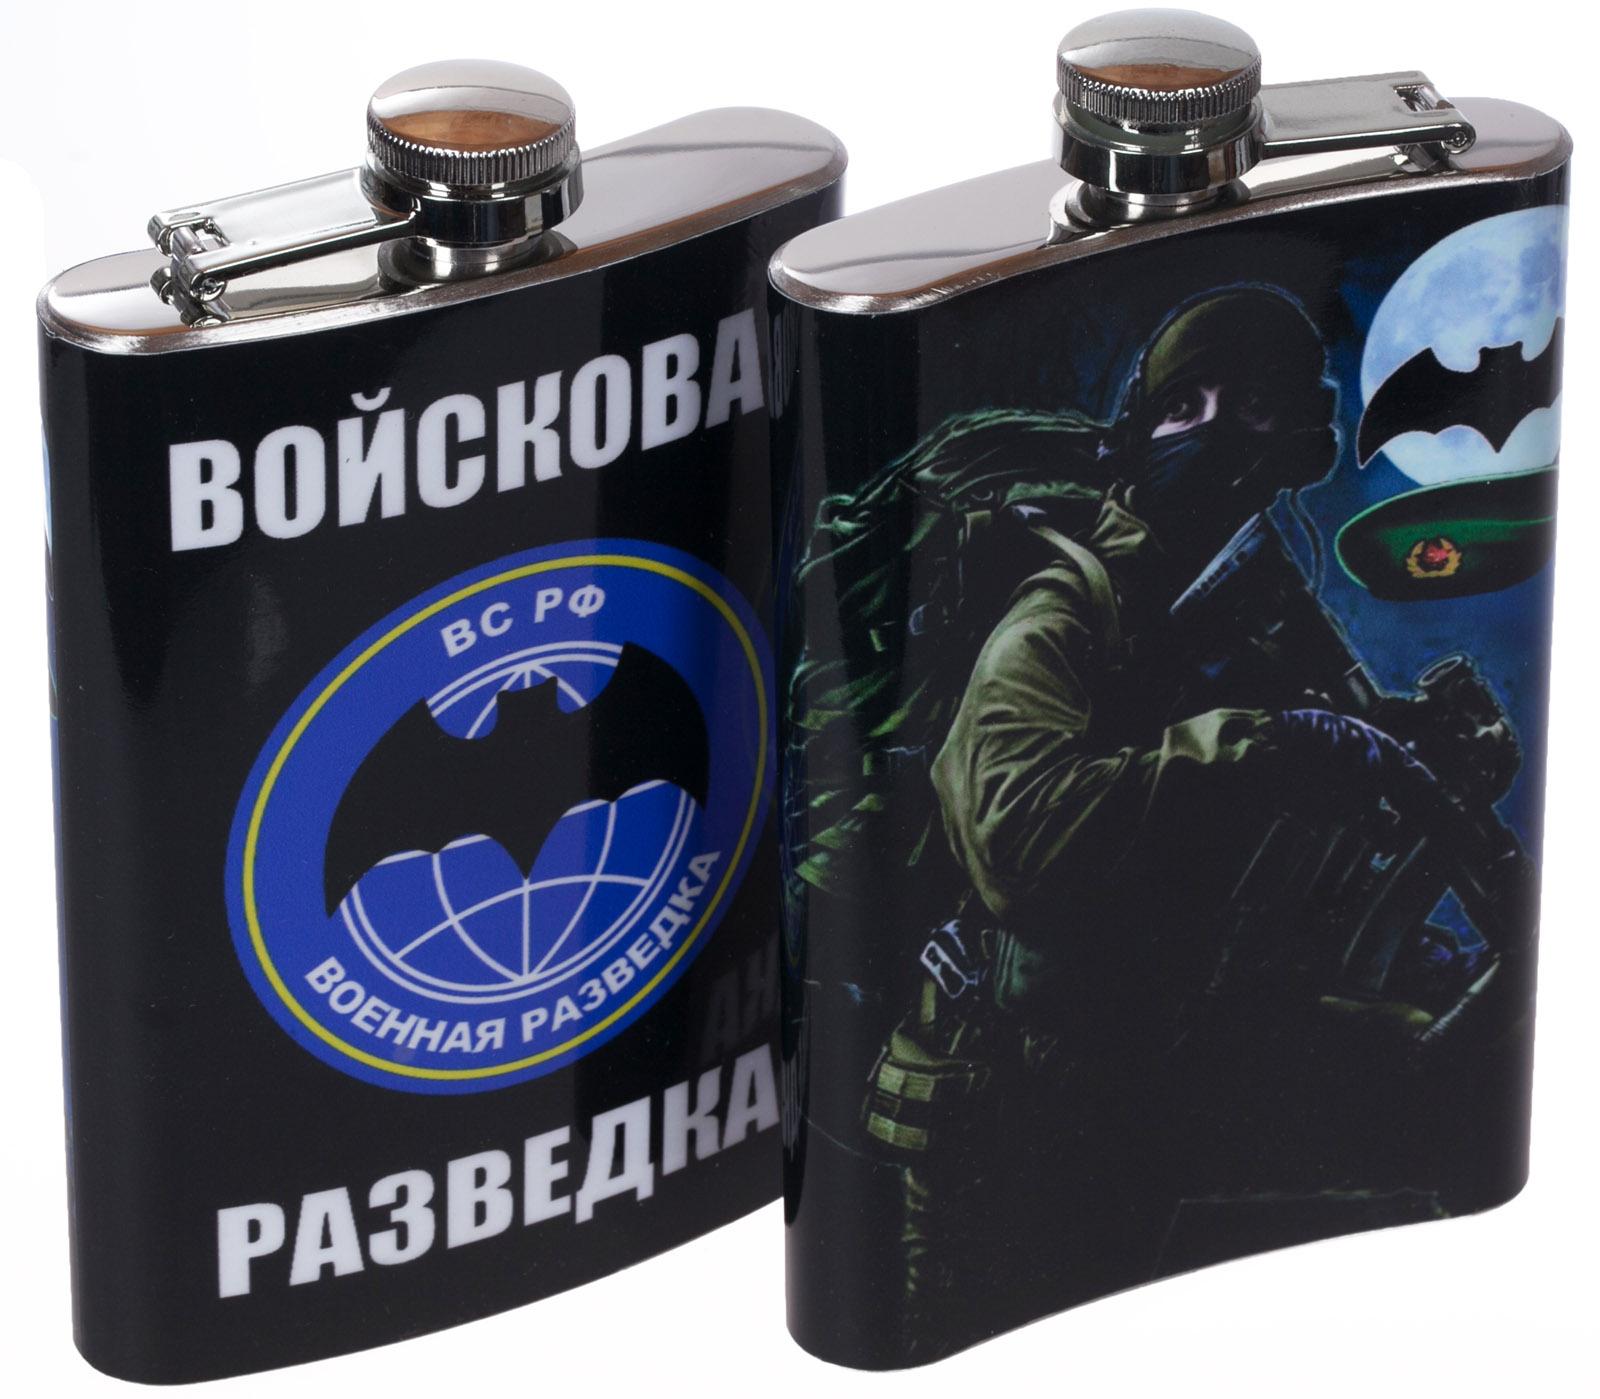 """Купить фляжку """"Войсковая разведка"""" с доставкой по России"""